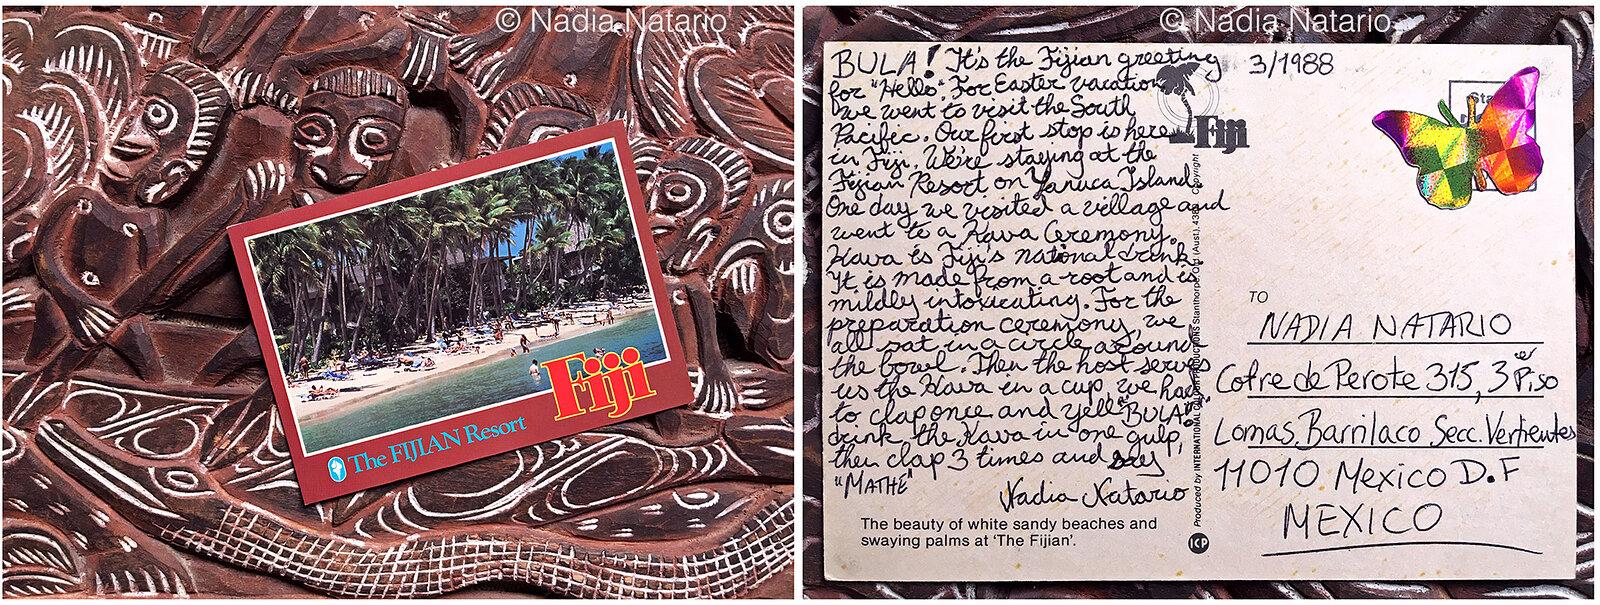 Postcards to Myself - Fiji, 1988